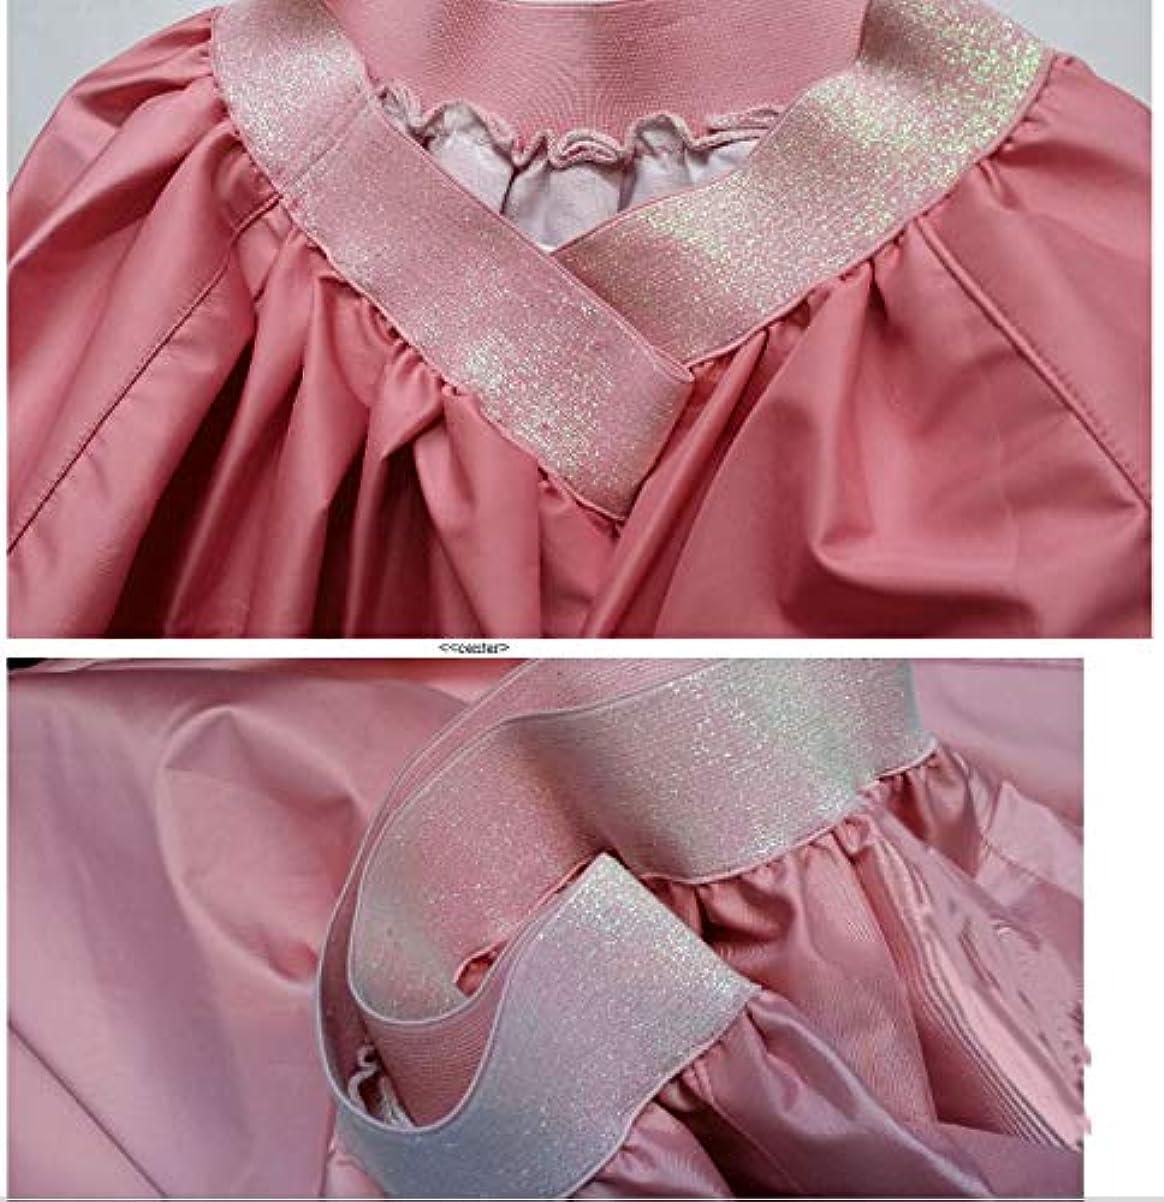 愛人キャッチ砲兵よもぎ蒸しマント、袖あり、座浴器セット、専用服【ピンク色】